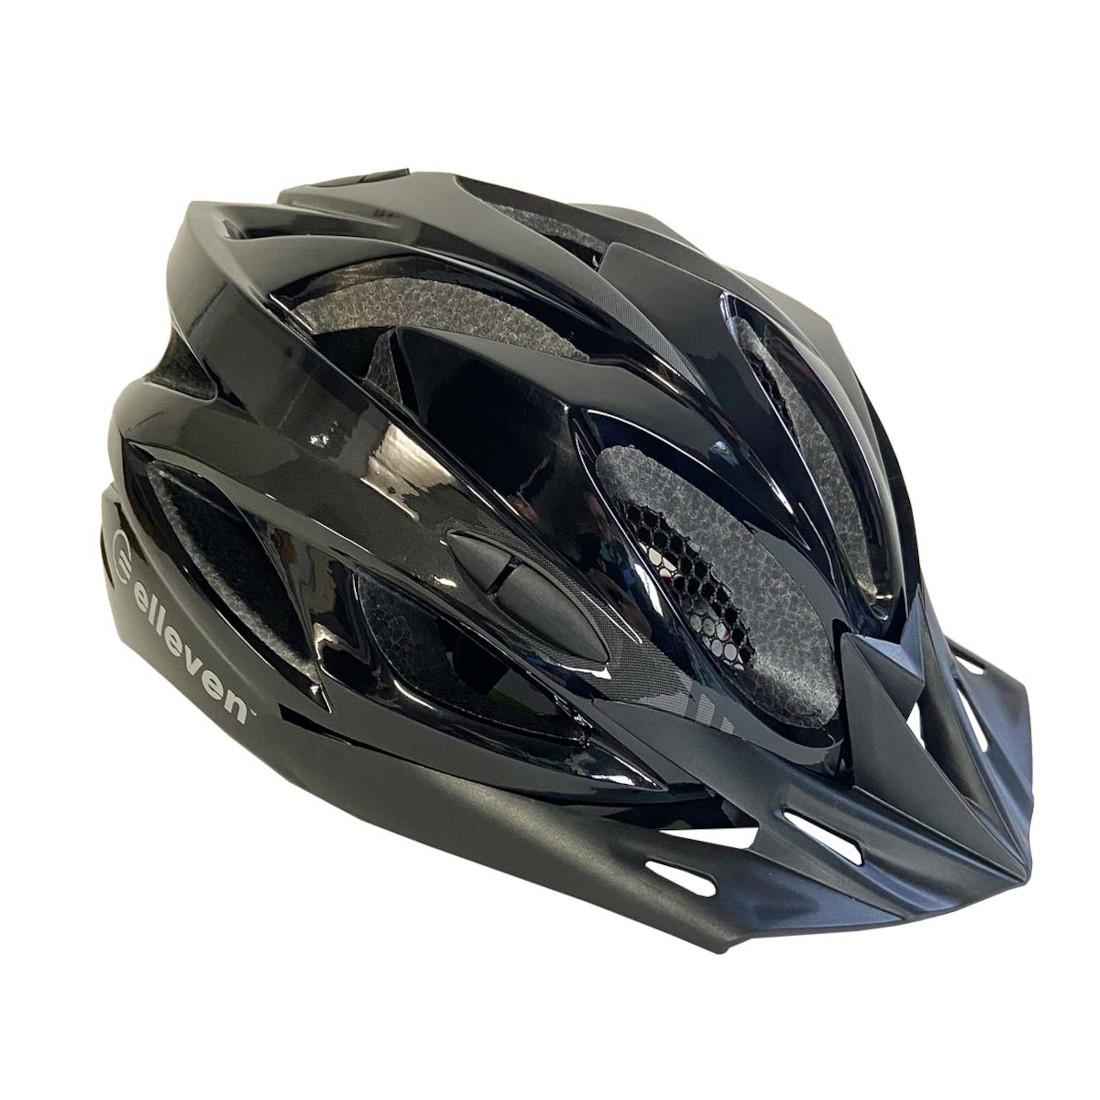 Capacete Adulto Ciclista Bike Viseira e LED Inmold M Preto